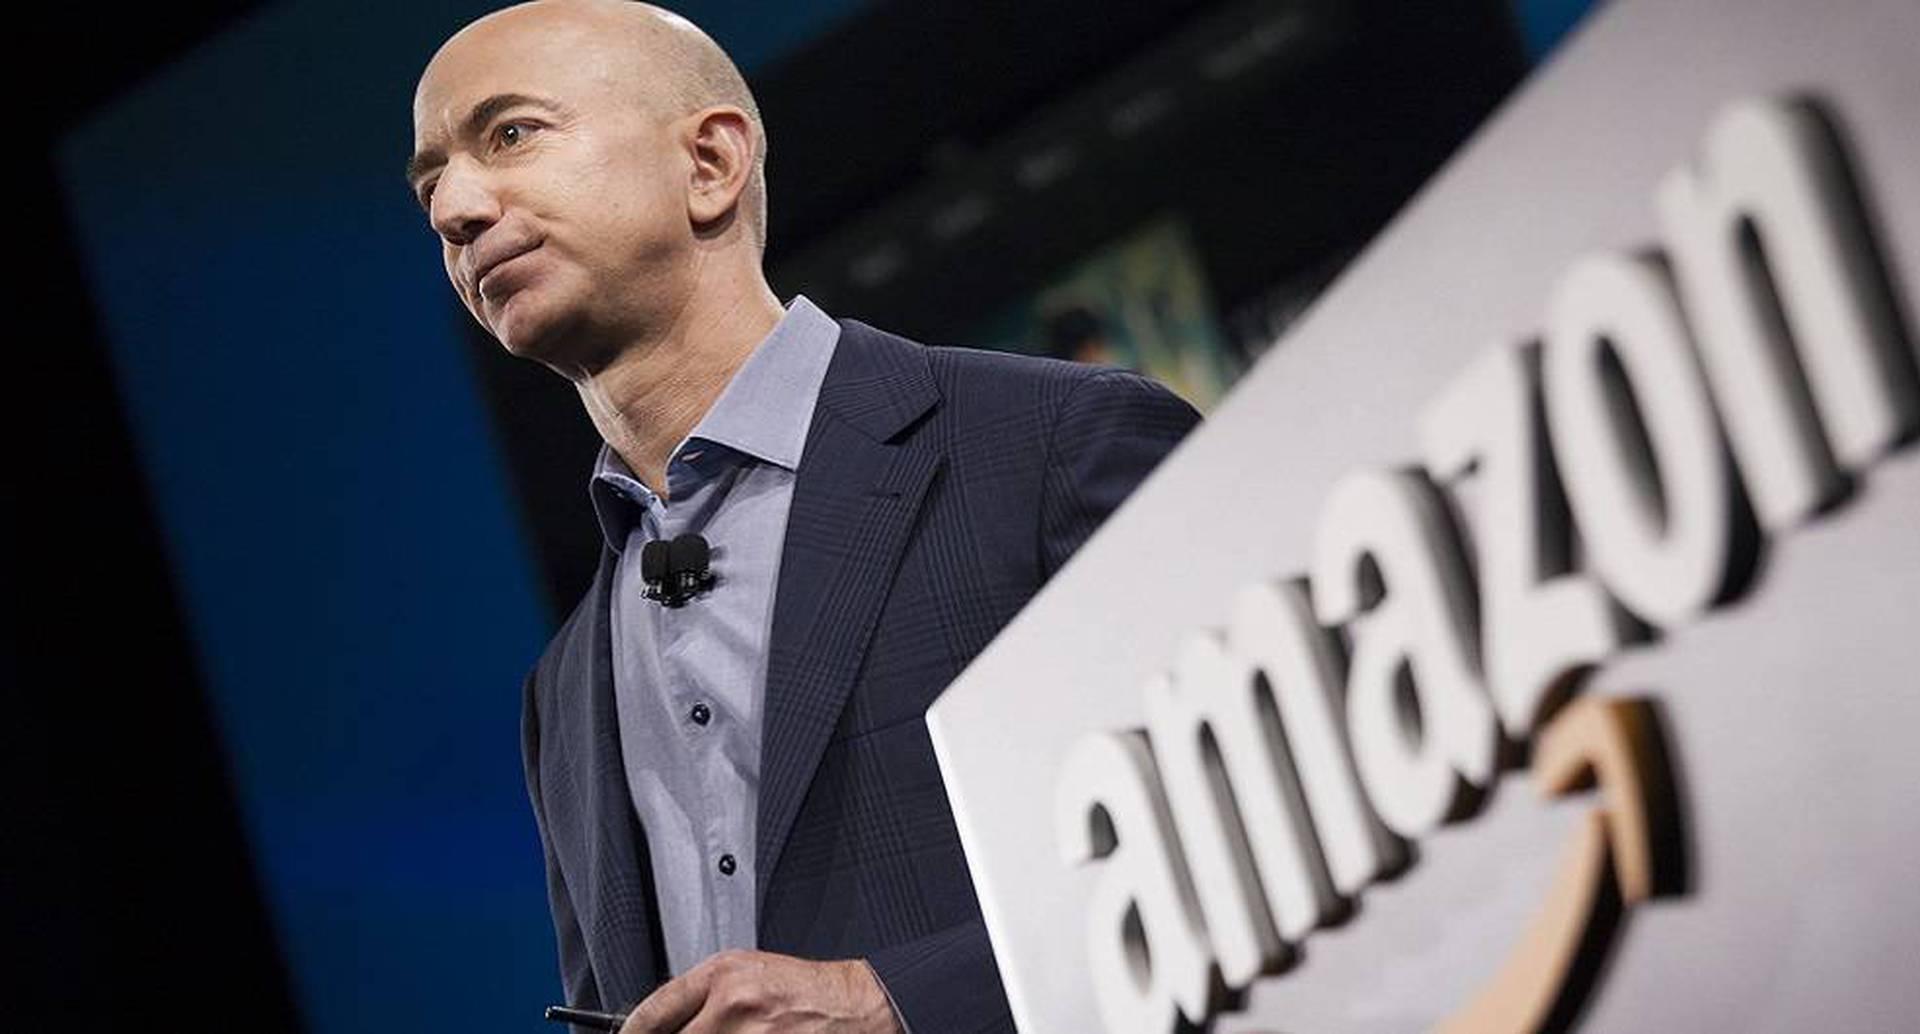 Jeff Bezos, el dueño de Amazon, entre los que ha multiplicado su fortuna en la pandemia del coronavirus.